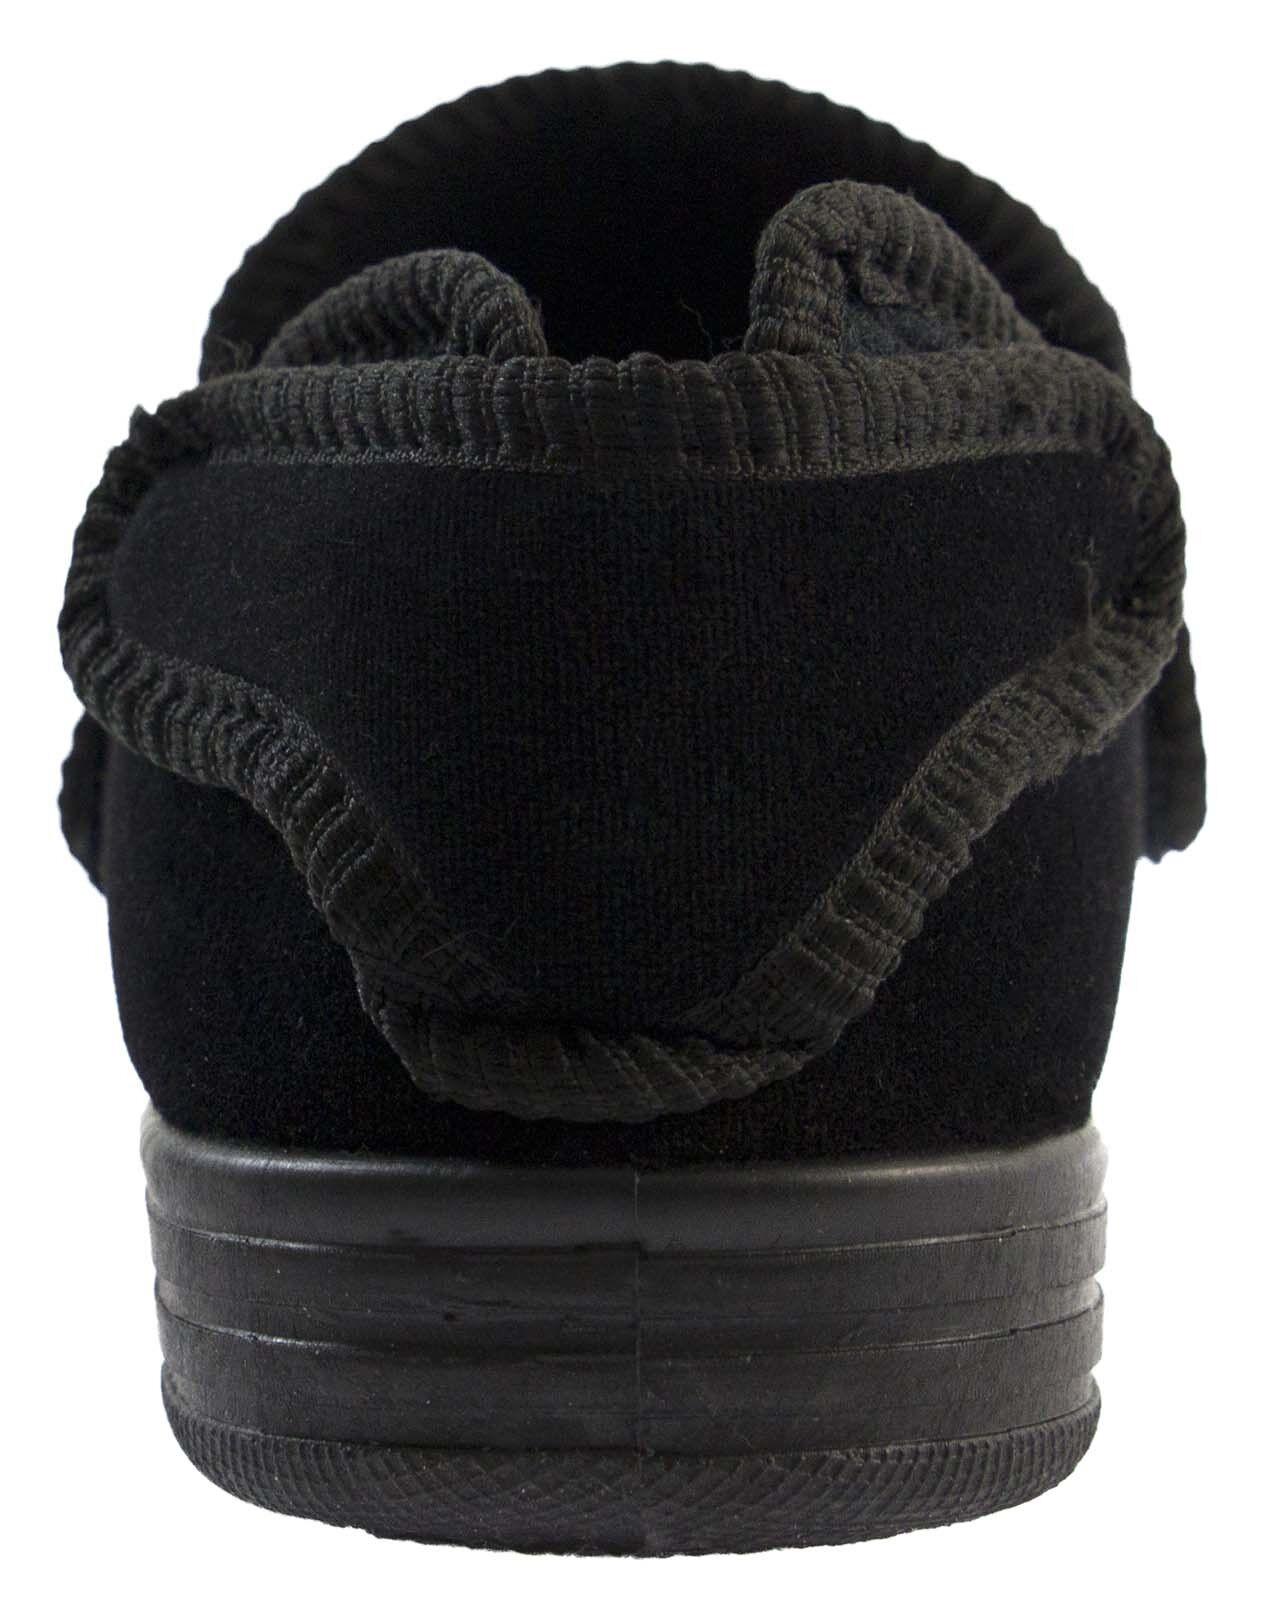 Pantofole Uomo Diabetici completamente regolabile Comfort